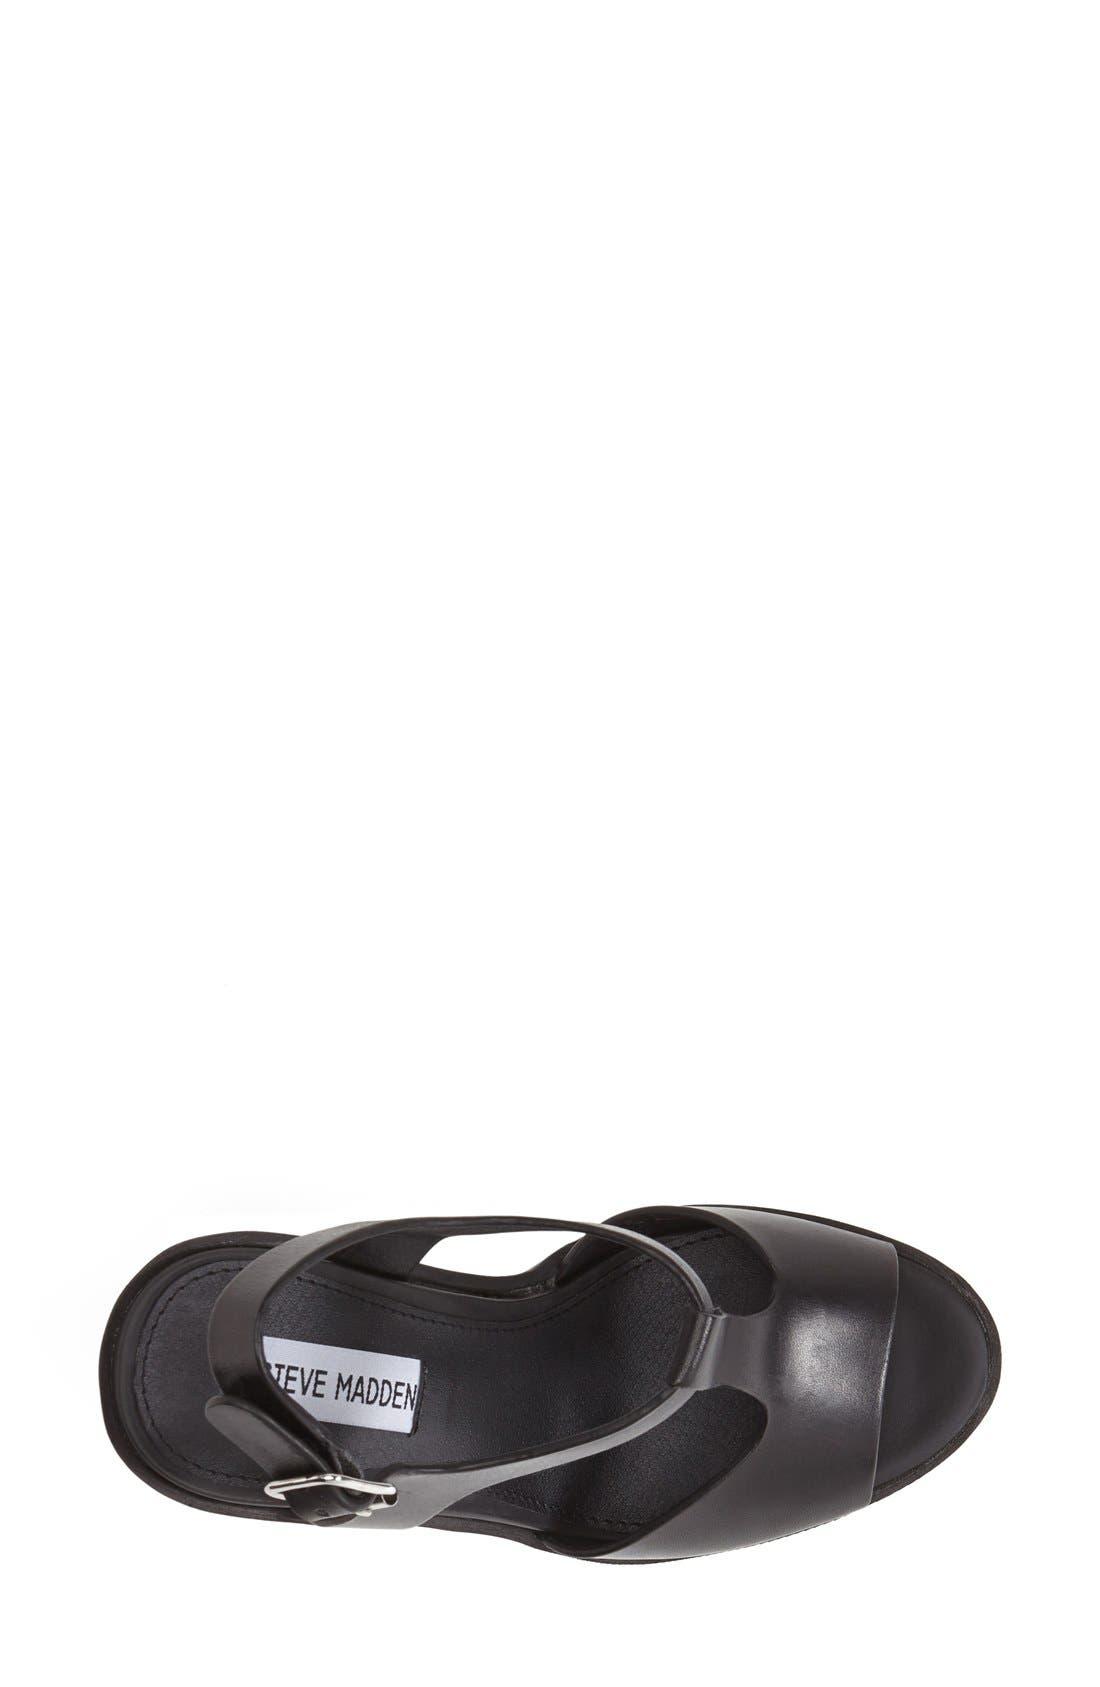 Alternate Image 3  - Steve Madden 'Girltalk' Leather Platform Sandal (Women)